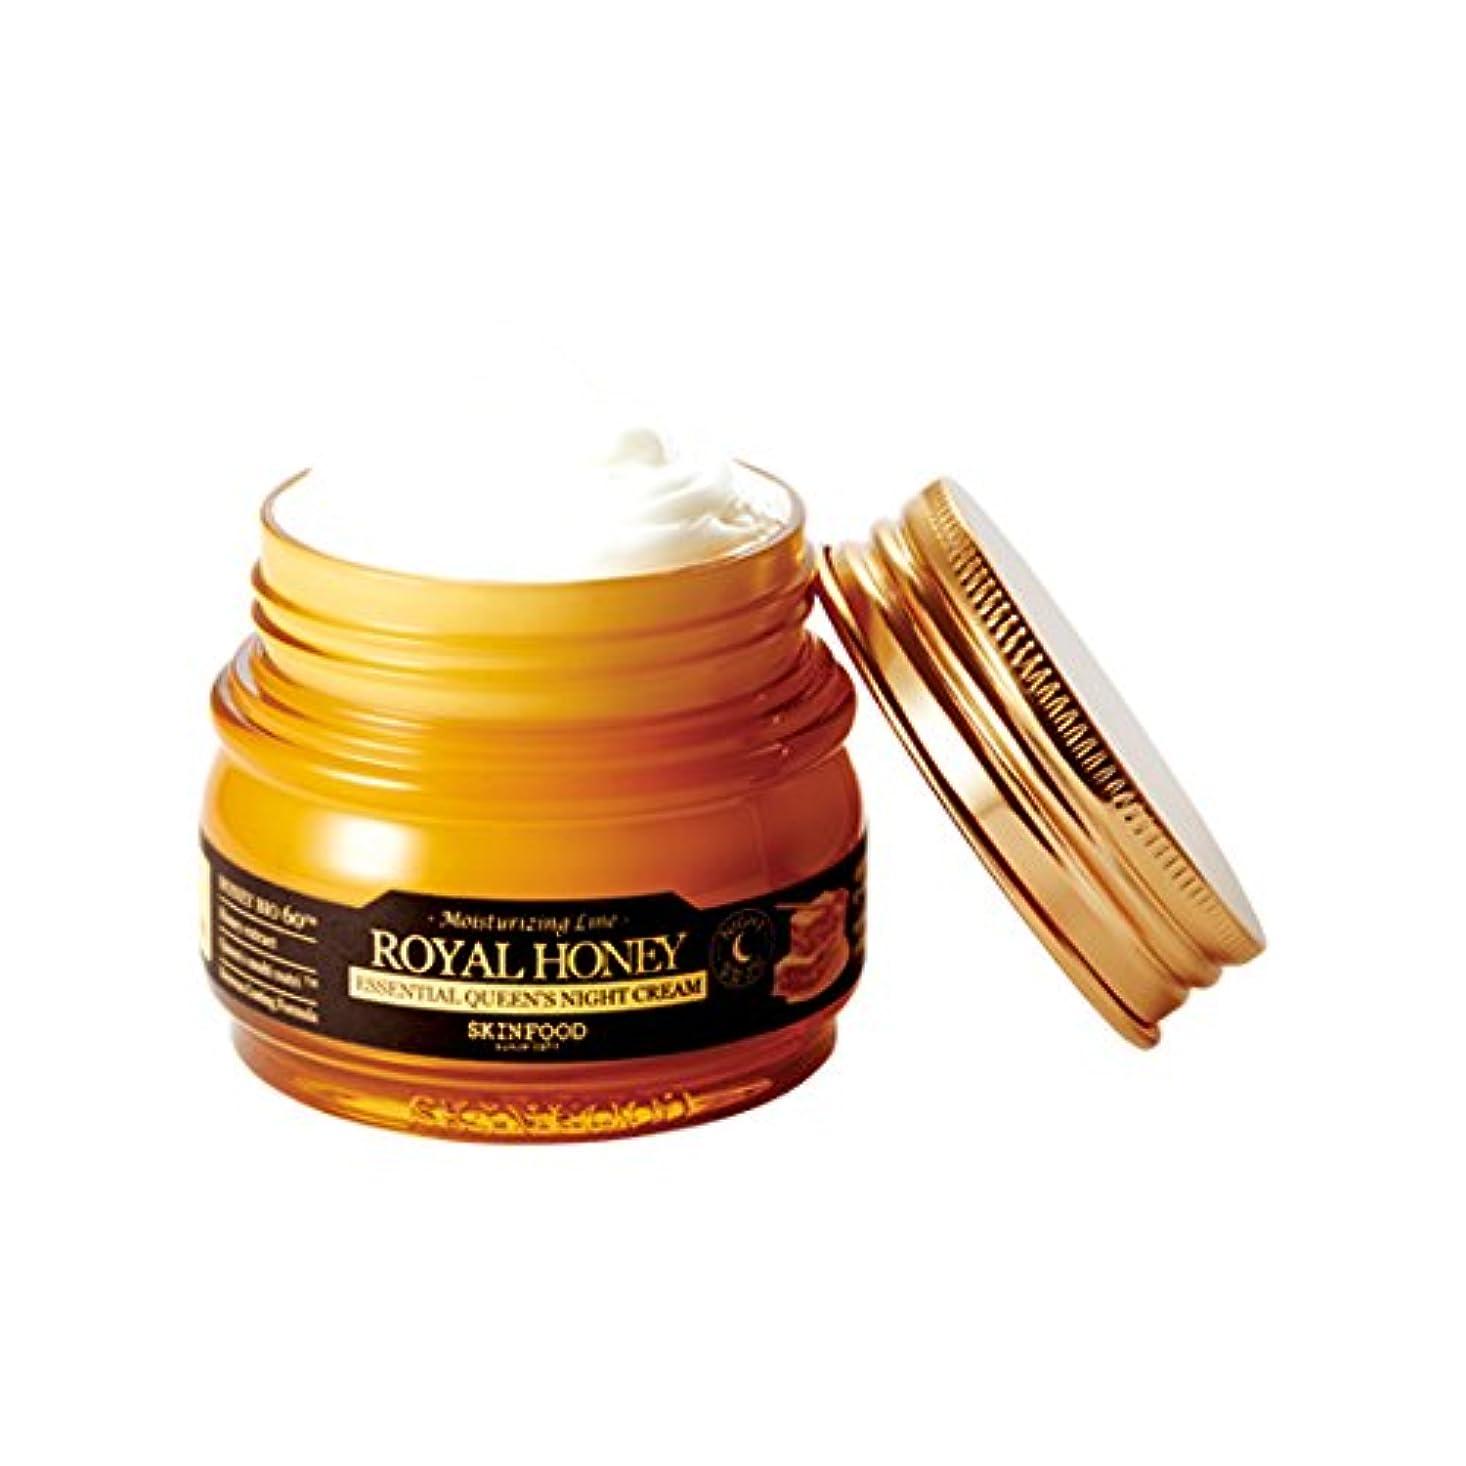 貸す原理政策SKINFOOD Royal Honey Essential Queen's Night Cream 63ml / スキンフード ロイヤルハニーエッセンシャルクイーンズナイトクリーム 63ml [並行輸入品]